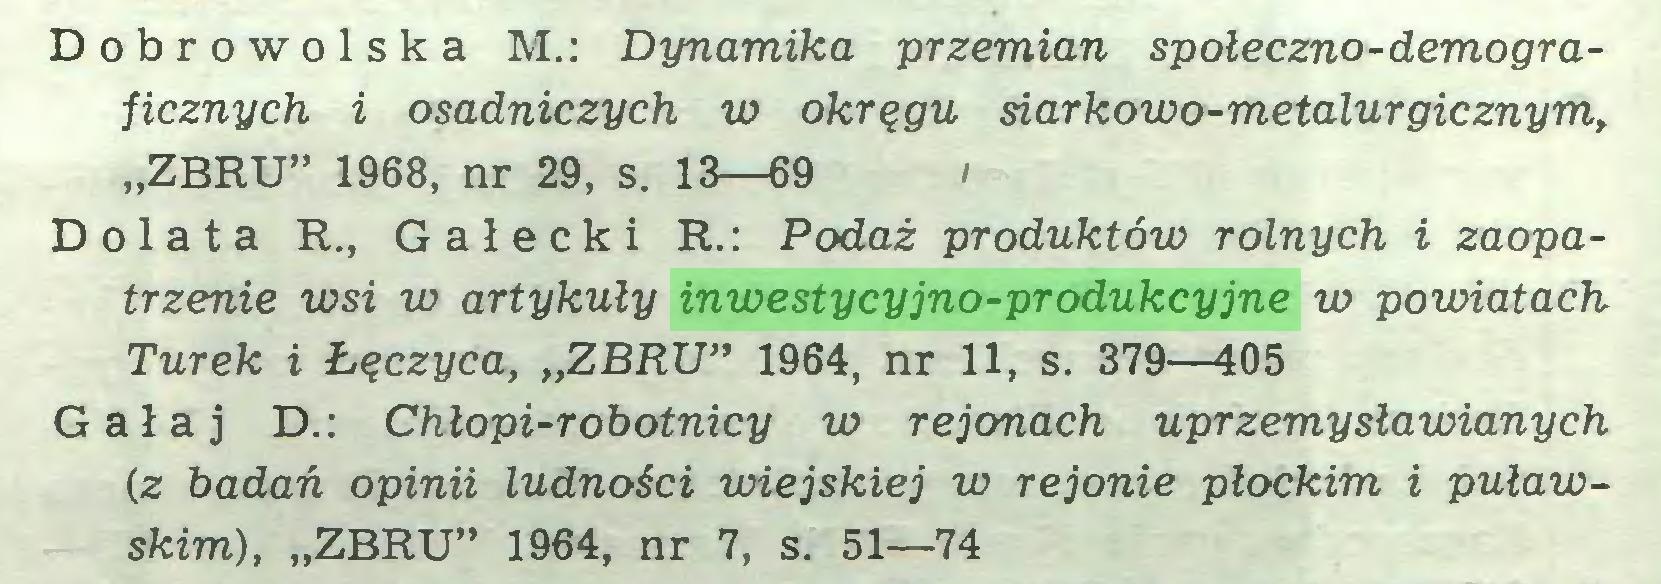 """(...) Dóbr o w o 1 s k a M.: Dynamika przemian społeczno-demograficznych i osadniczych w okręgu siarkowo-metalurgicznym, """"ZBRU"""" 1968, nr 29, s. 13—69 / Dolata R., Gałecki R.: Podaż produktów rolnych i zaopatrzenie wsi w artykuły inwestycyjno-produkcyjne w powiatach Turek i Łęczyca, """"ZBRU"""" 1964, nr 11, s. 379—405 Gał aj D.: Chłopi-robotnicy w rejonach uprzemysławianych (z badań opinii ludności wiejskiej w rejonie płockim i puławskim), """"ZBRU"""" 1964, nr 7, s. 51—74..."""